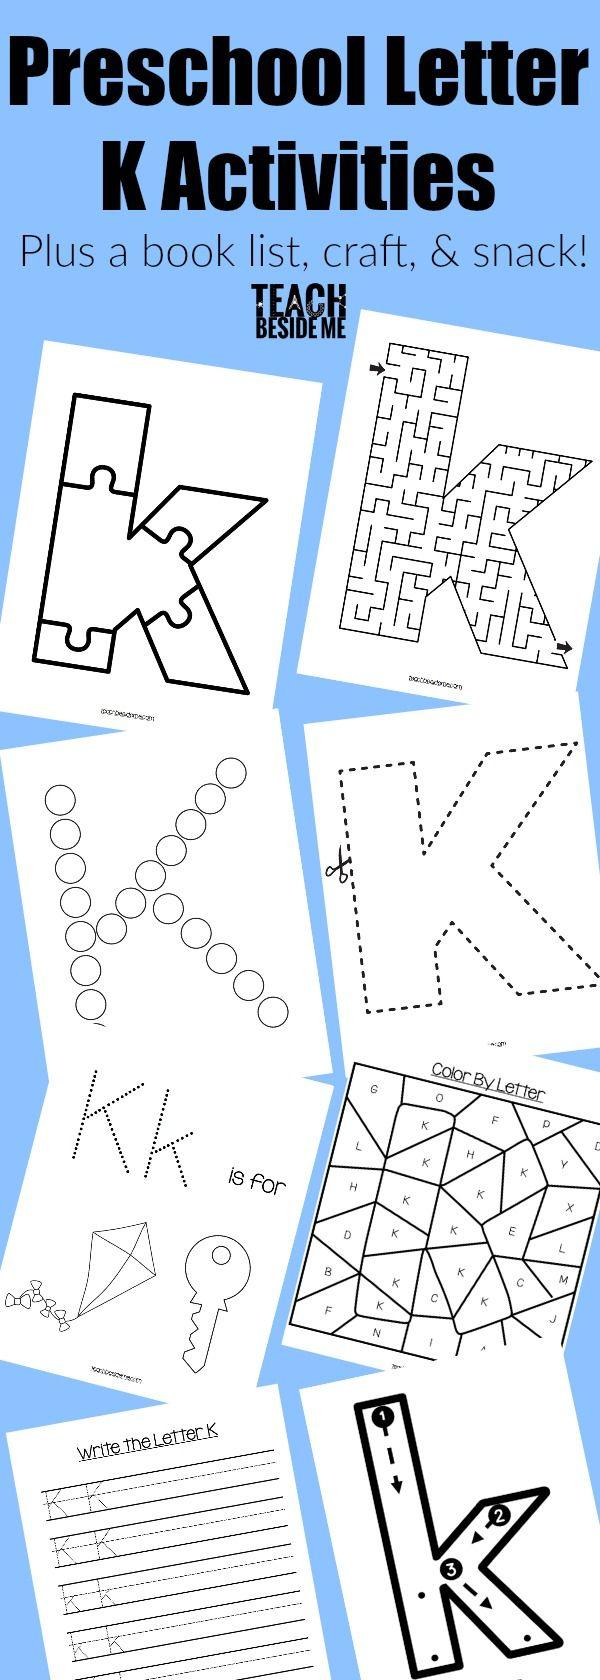 Letter of the week preschool letter k activities book lists preschool letter of the week curriculum letter k activities includes a letter k printable pack spiritdancerdesigns Gallery